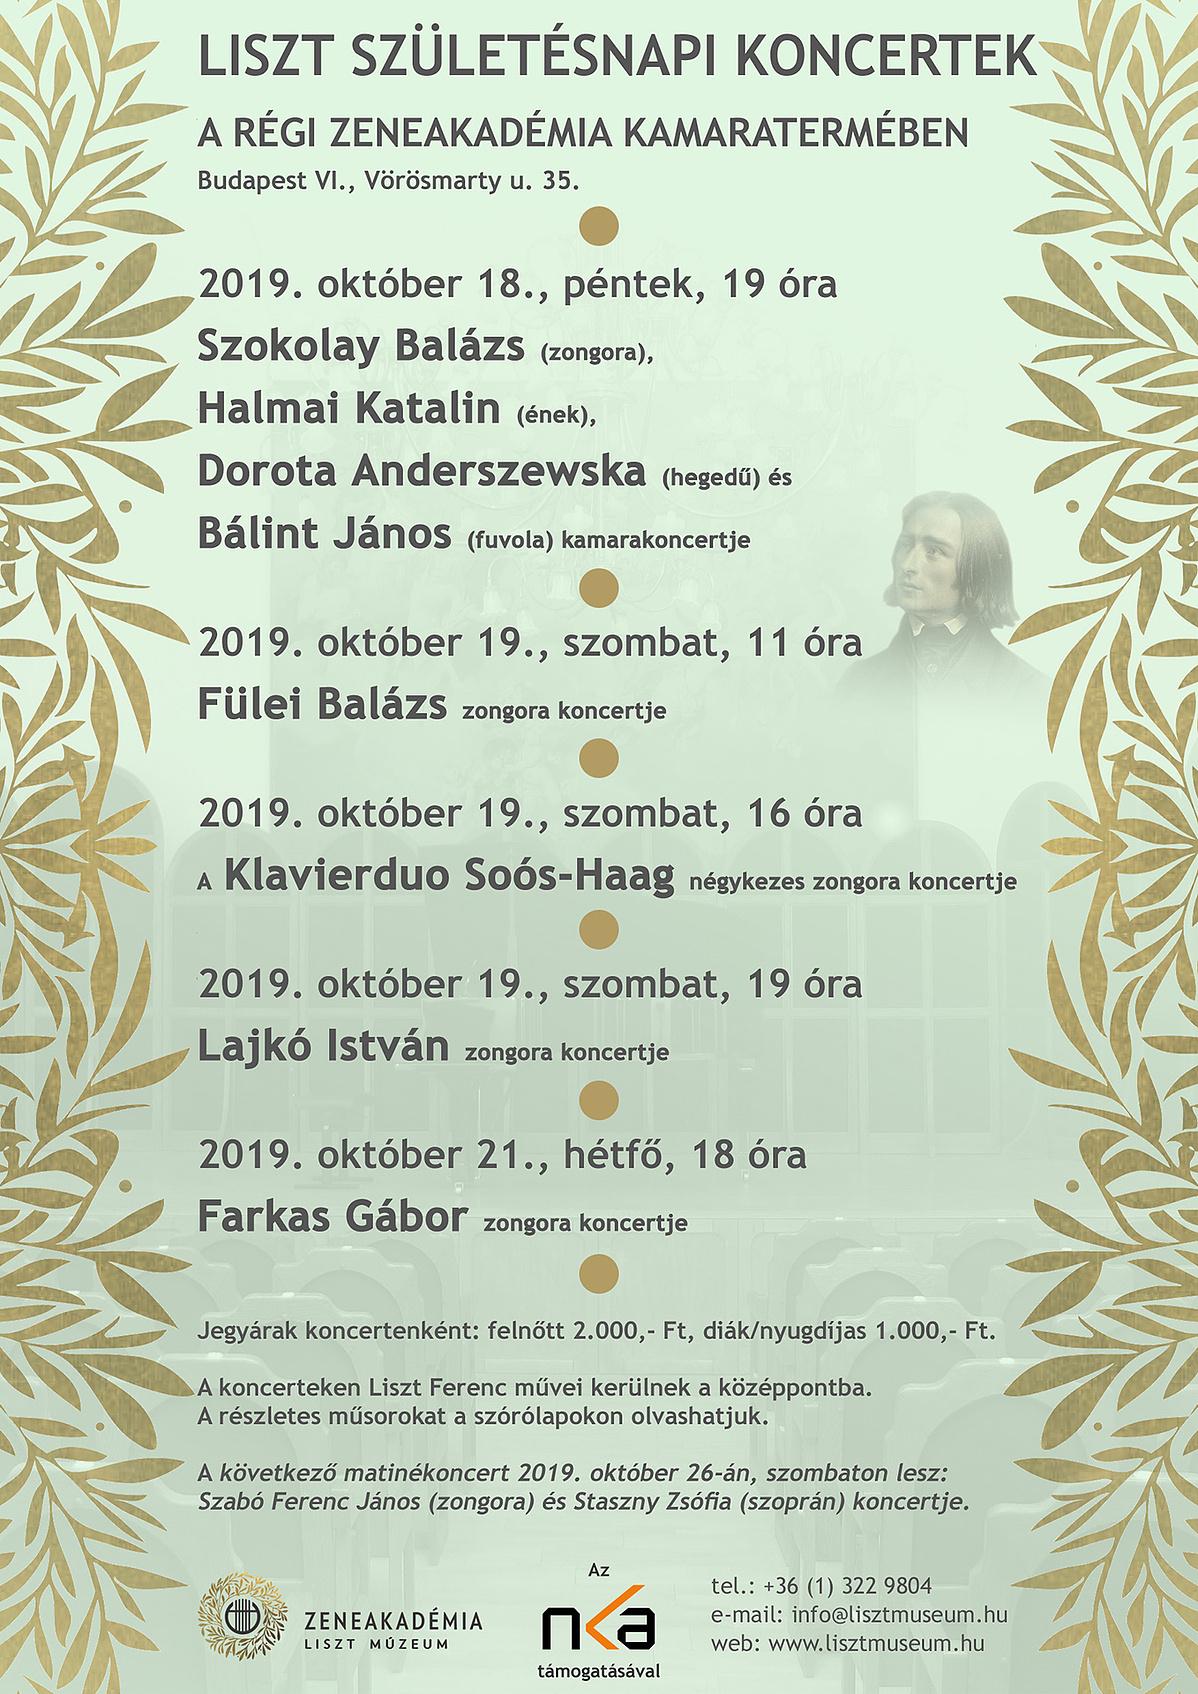 LFM_2019-1018_Liszt_szuletesnap_eloadok-152752.jpg